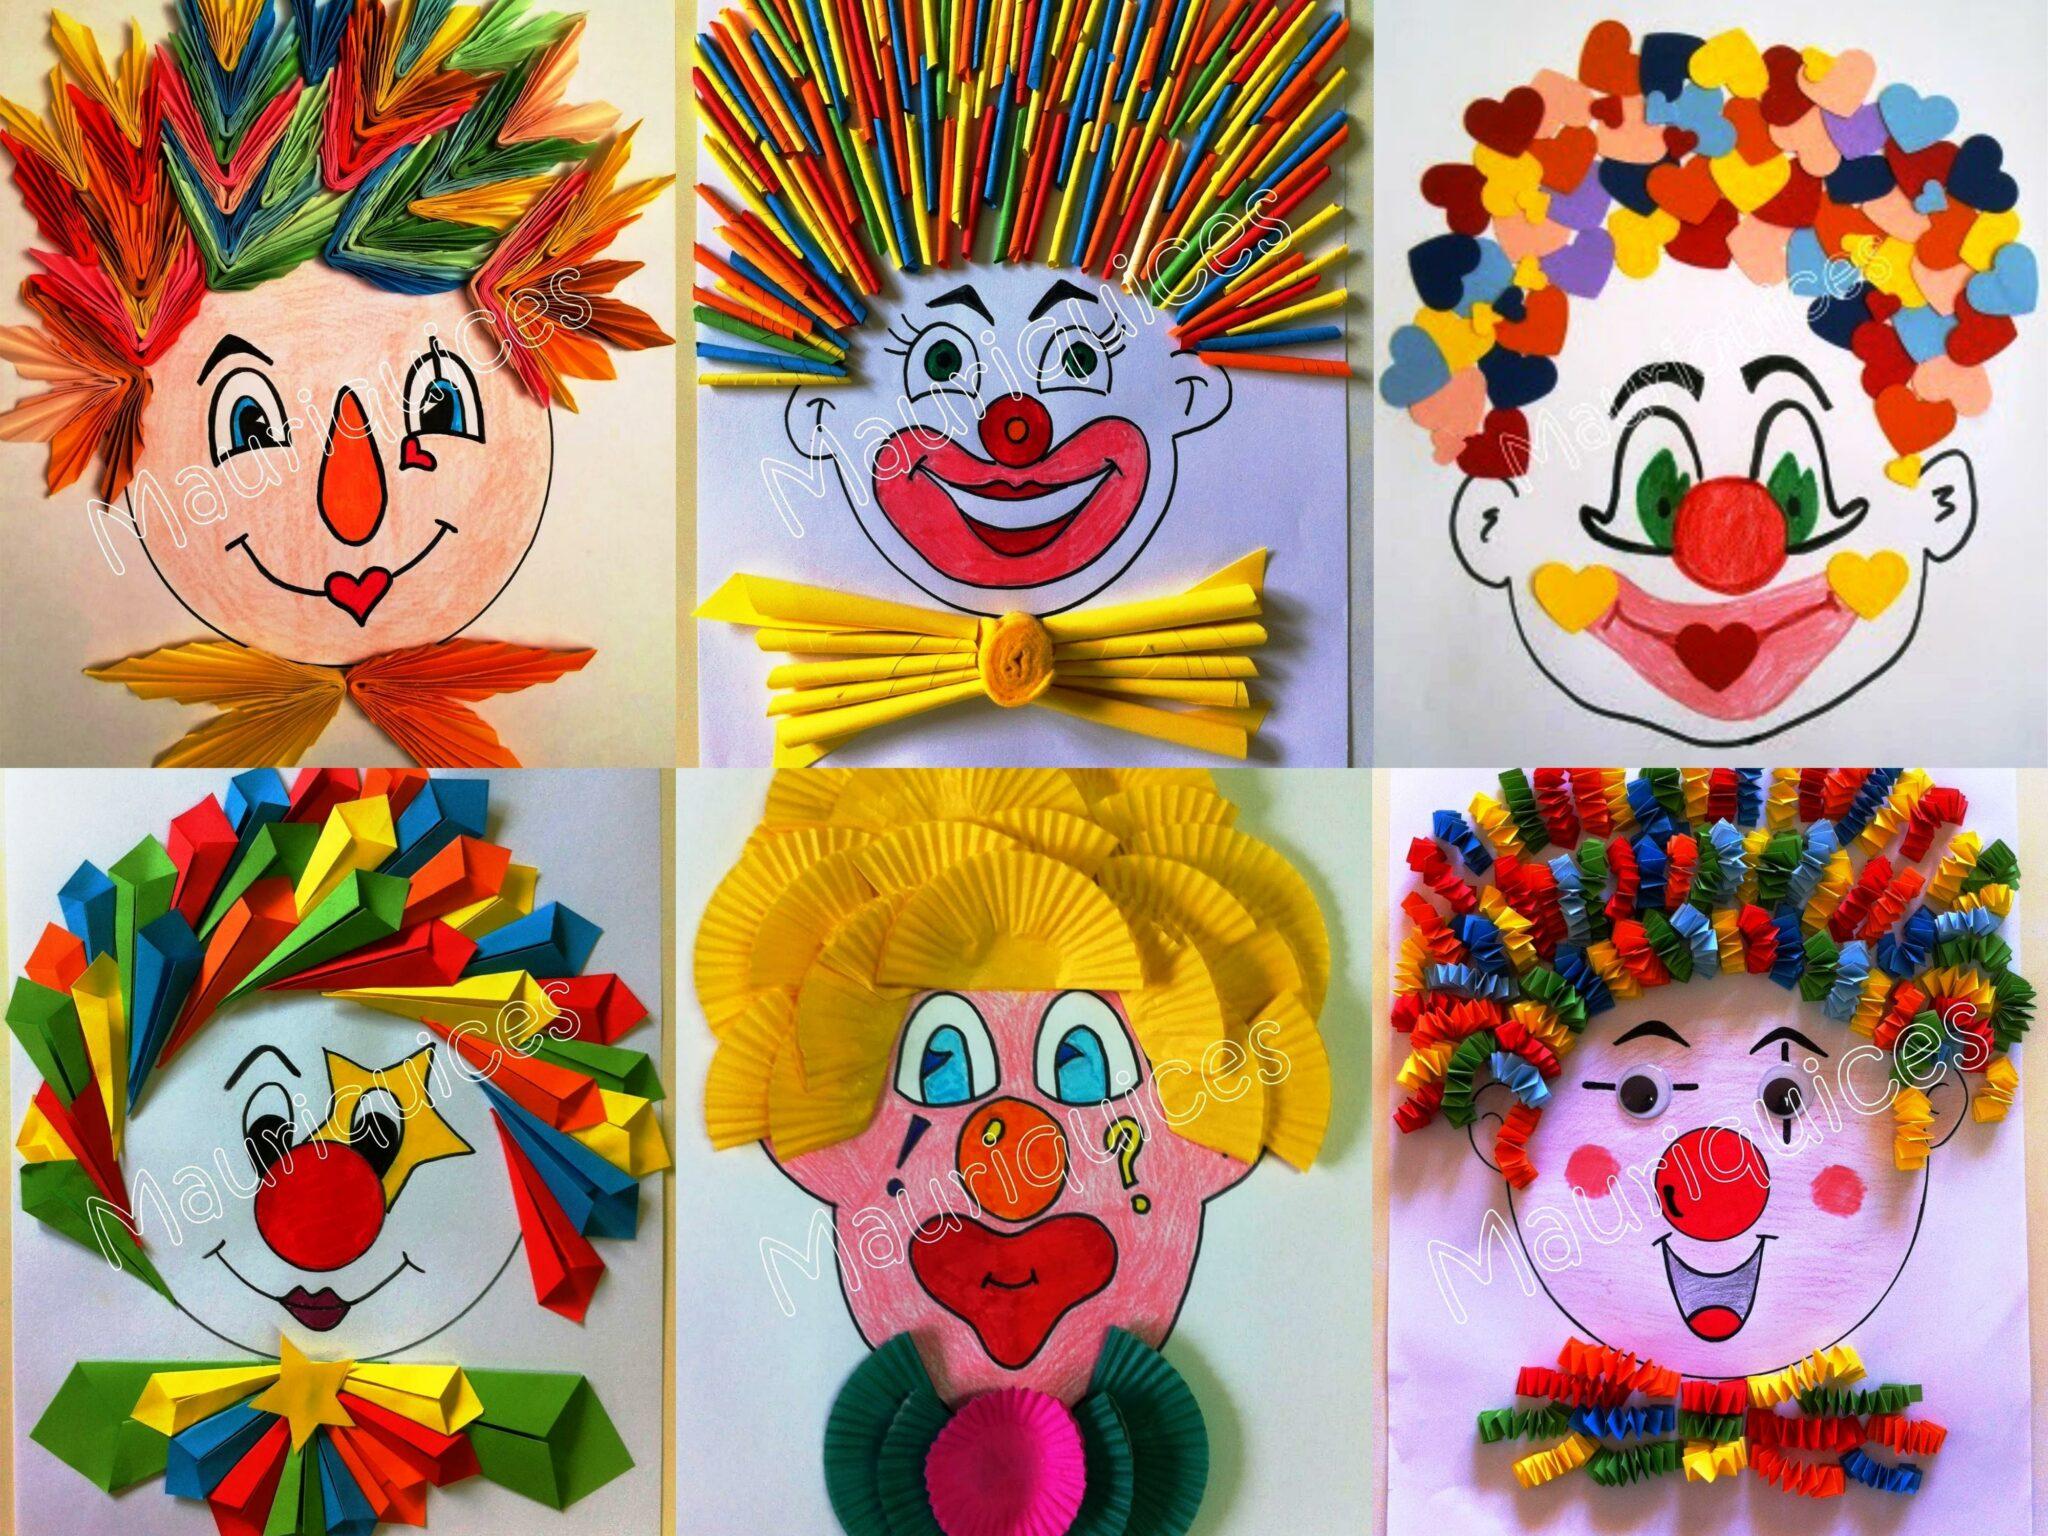 atividades de palhacos para dia do circo